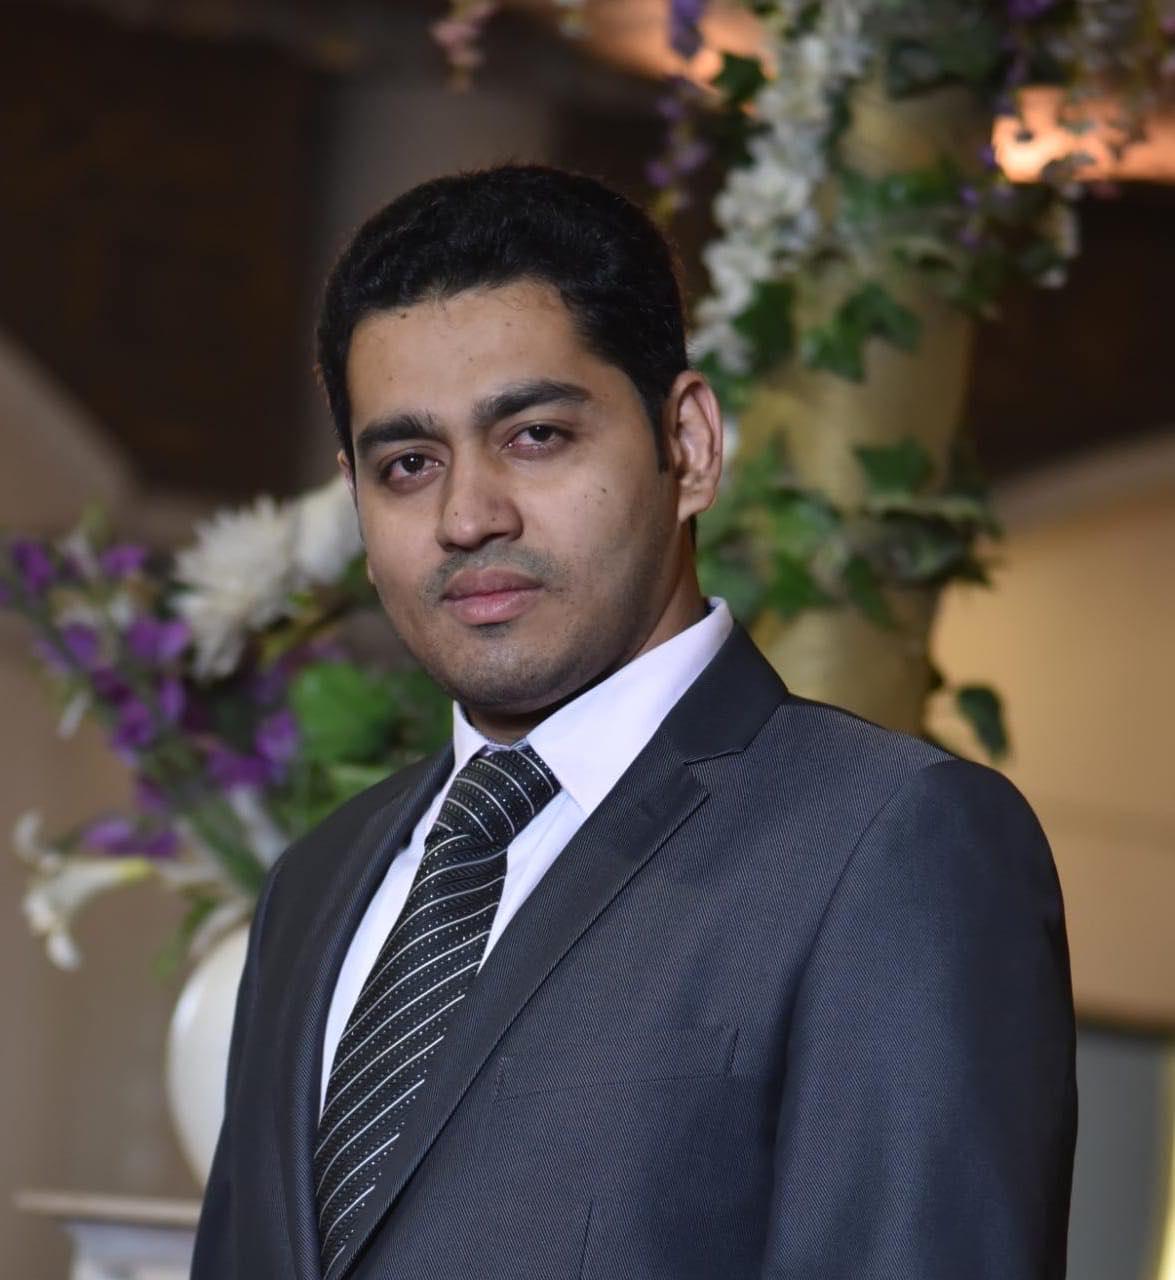 Mehmood Adamjee